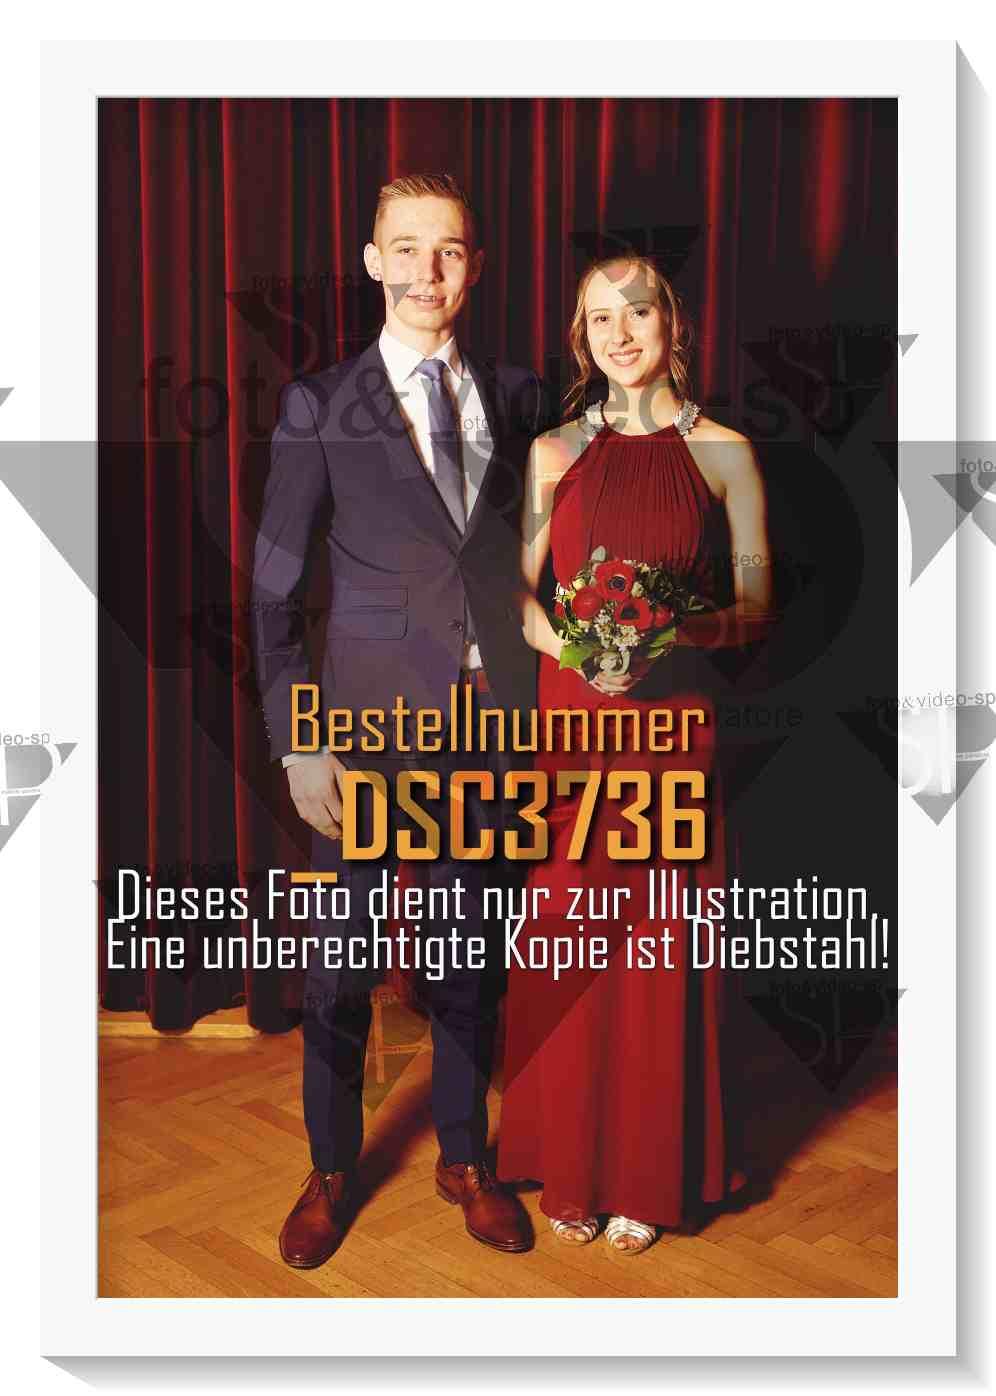 DSC3736